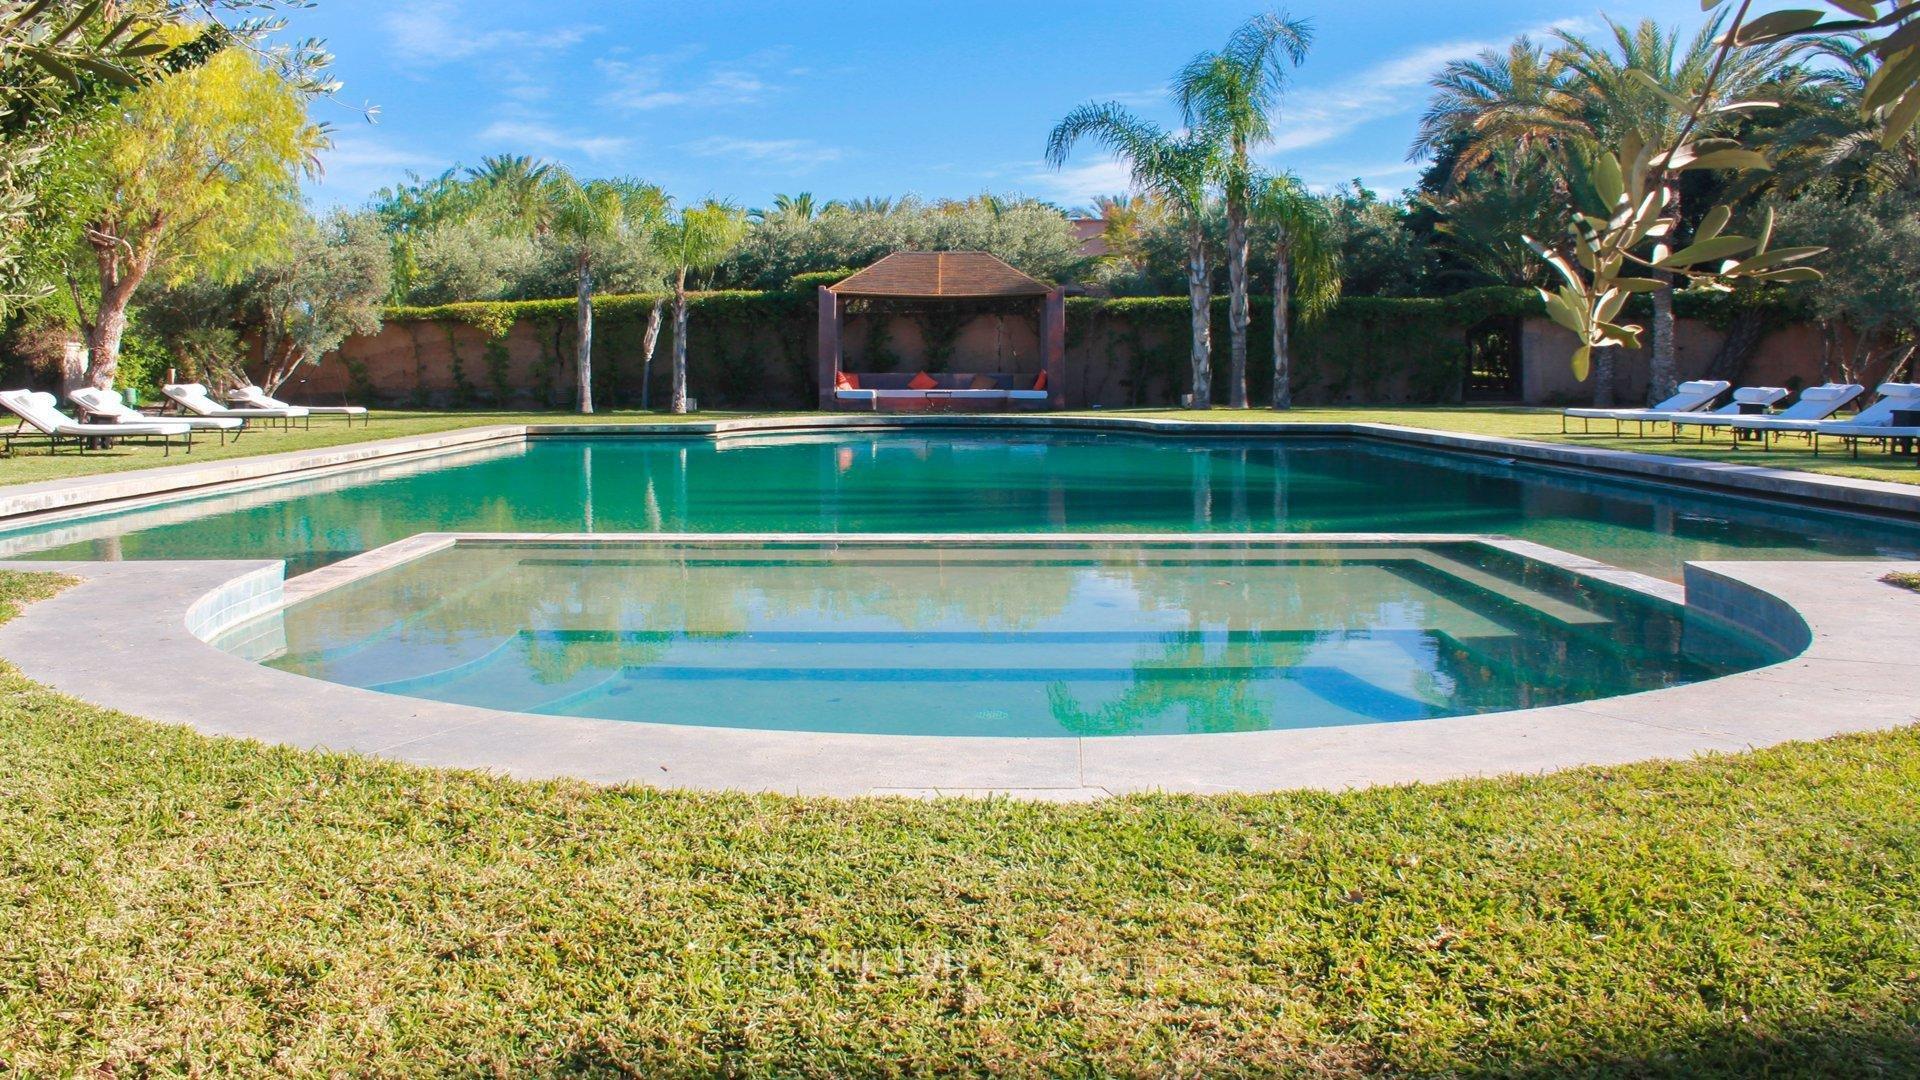 KPPM00670: Jnane Fiestan Villa Luxury Villa Marrakech Morocco